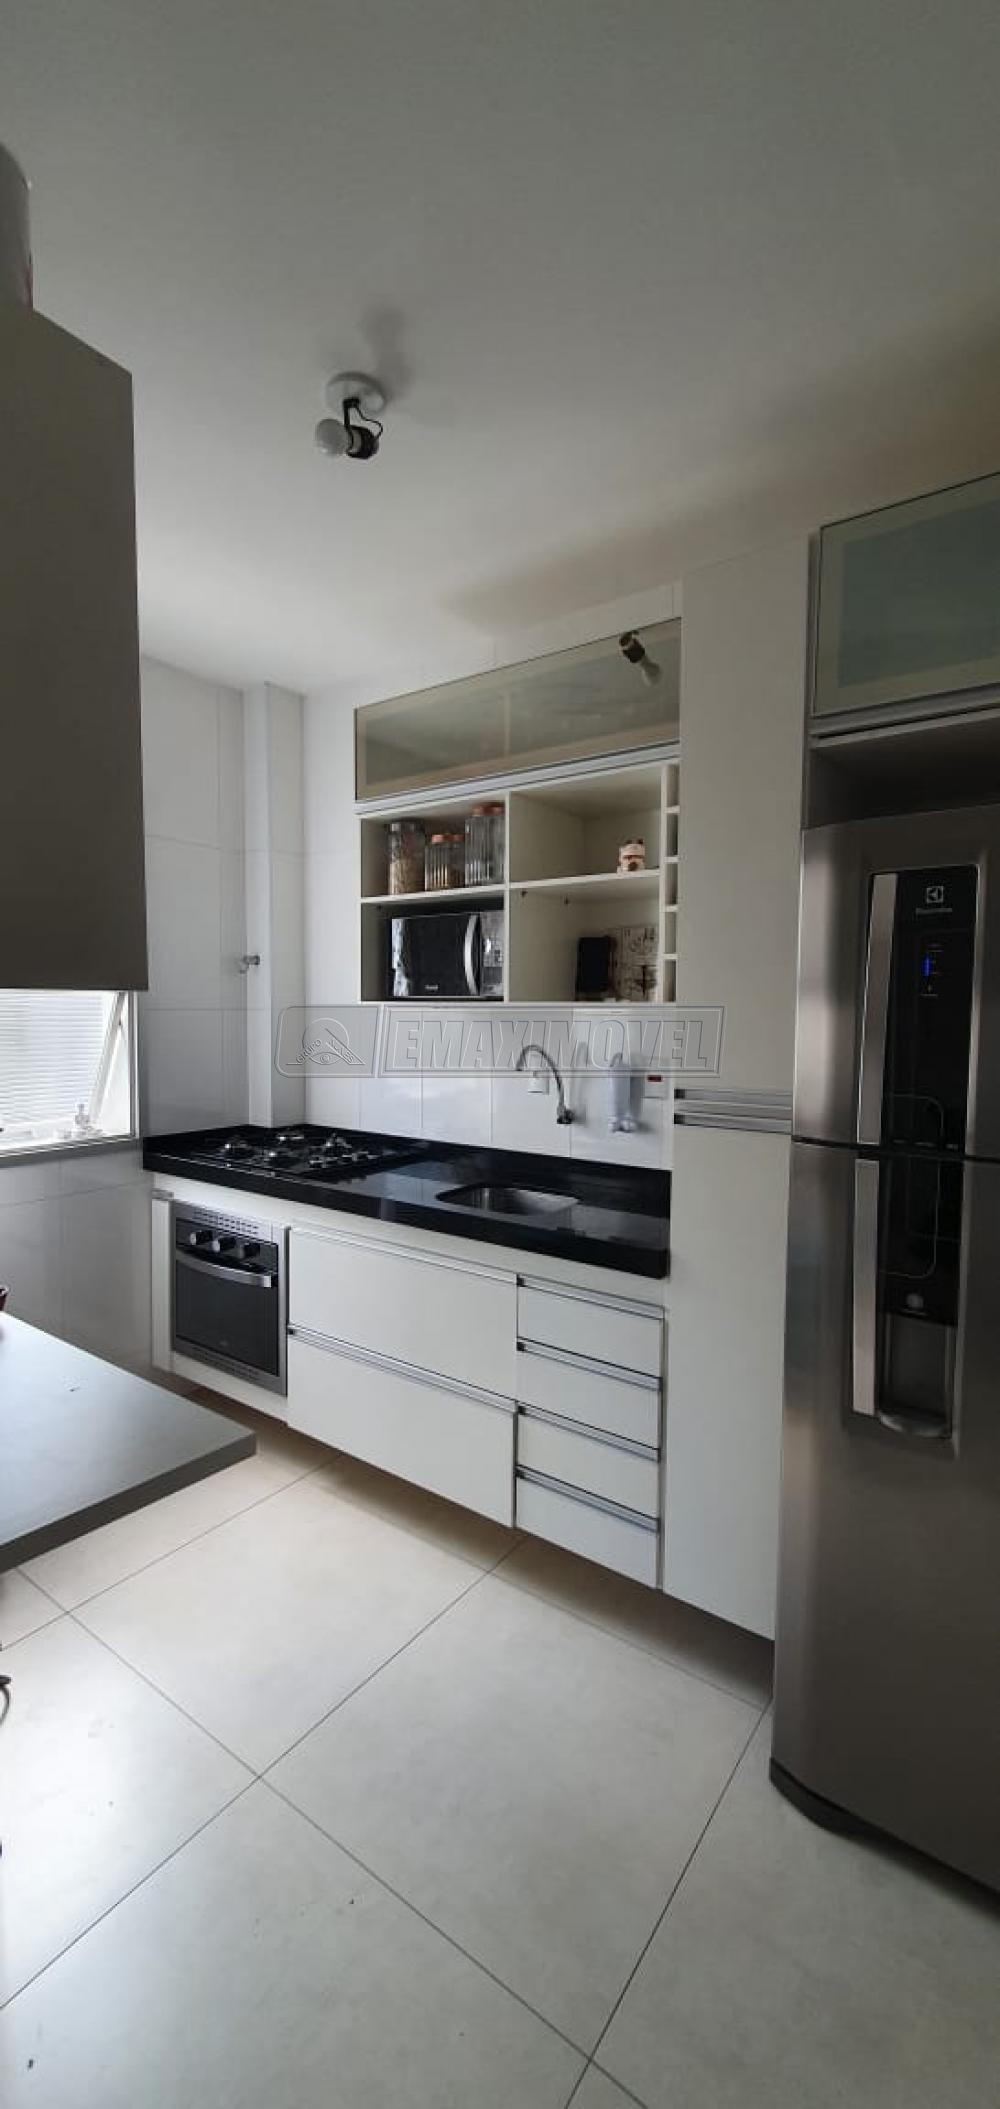 Comprar Apartamento / Padrão em Sorocaba R$ 175.000,00 - Foto 7